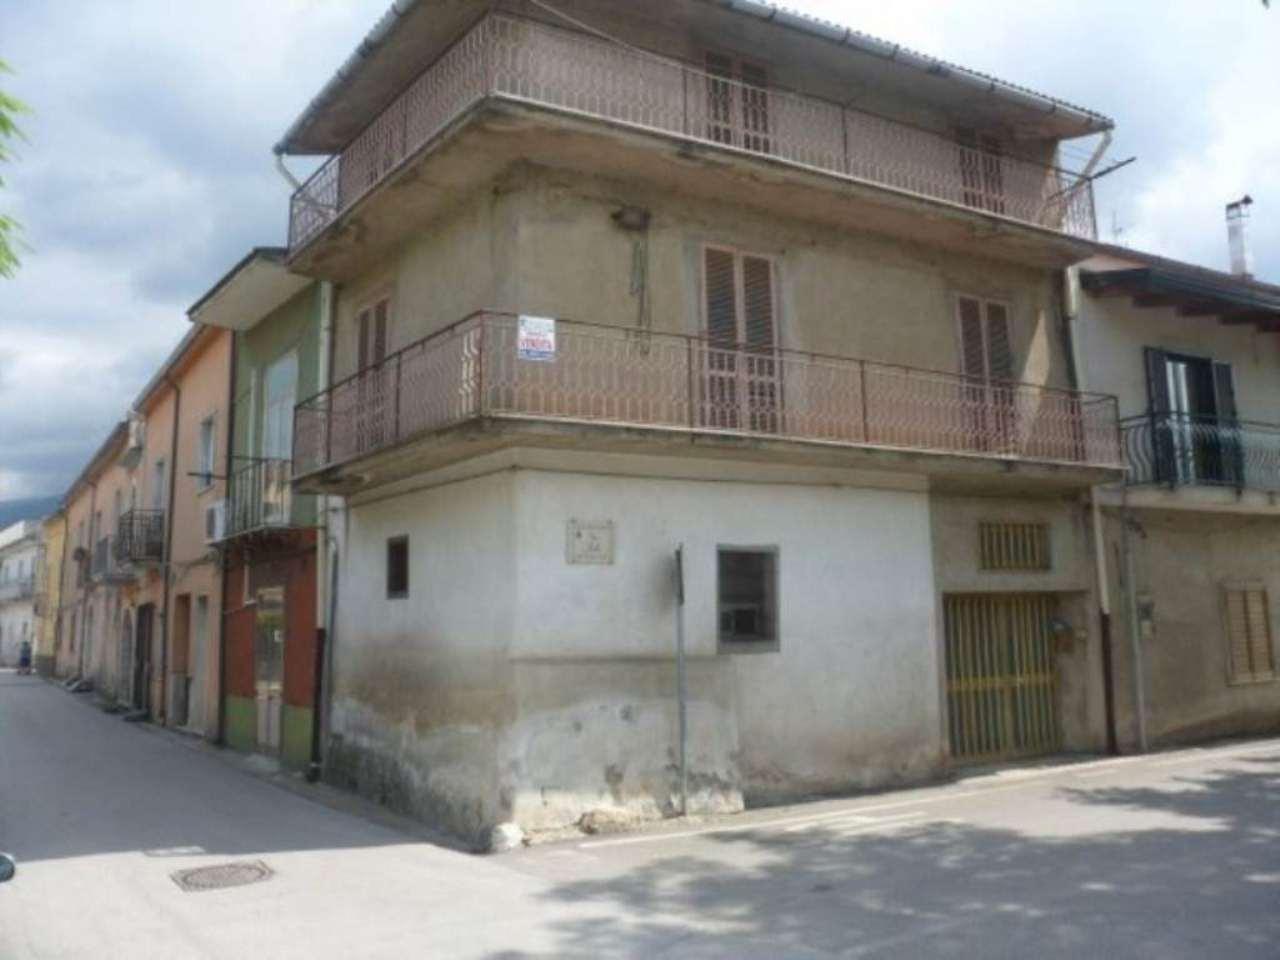 Soluzione Indipendente in vendita a Moiano, 4 locali, prezzo € 47.000 | Cambio Casa.it